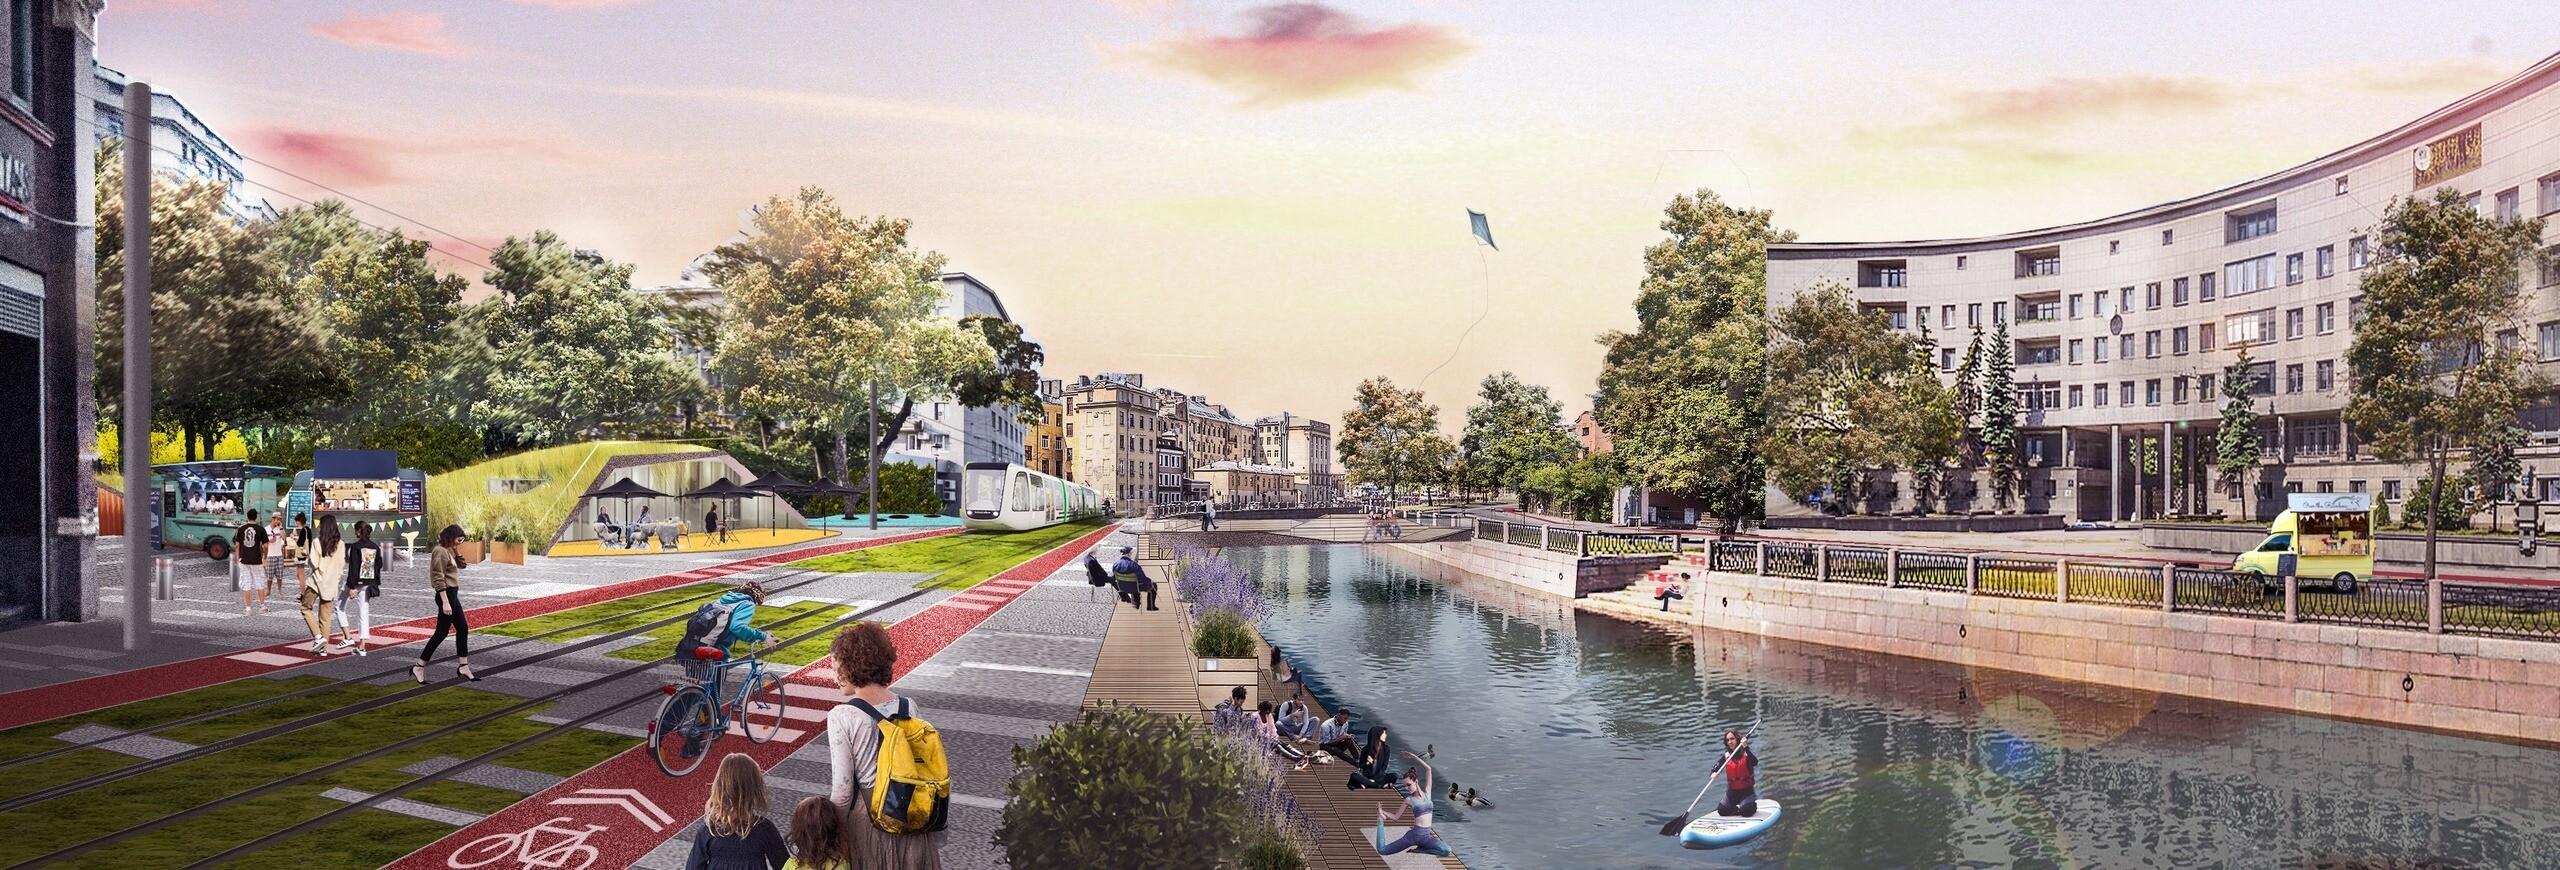 Проект реконструкции набережной Карповки окончательно утвержден